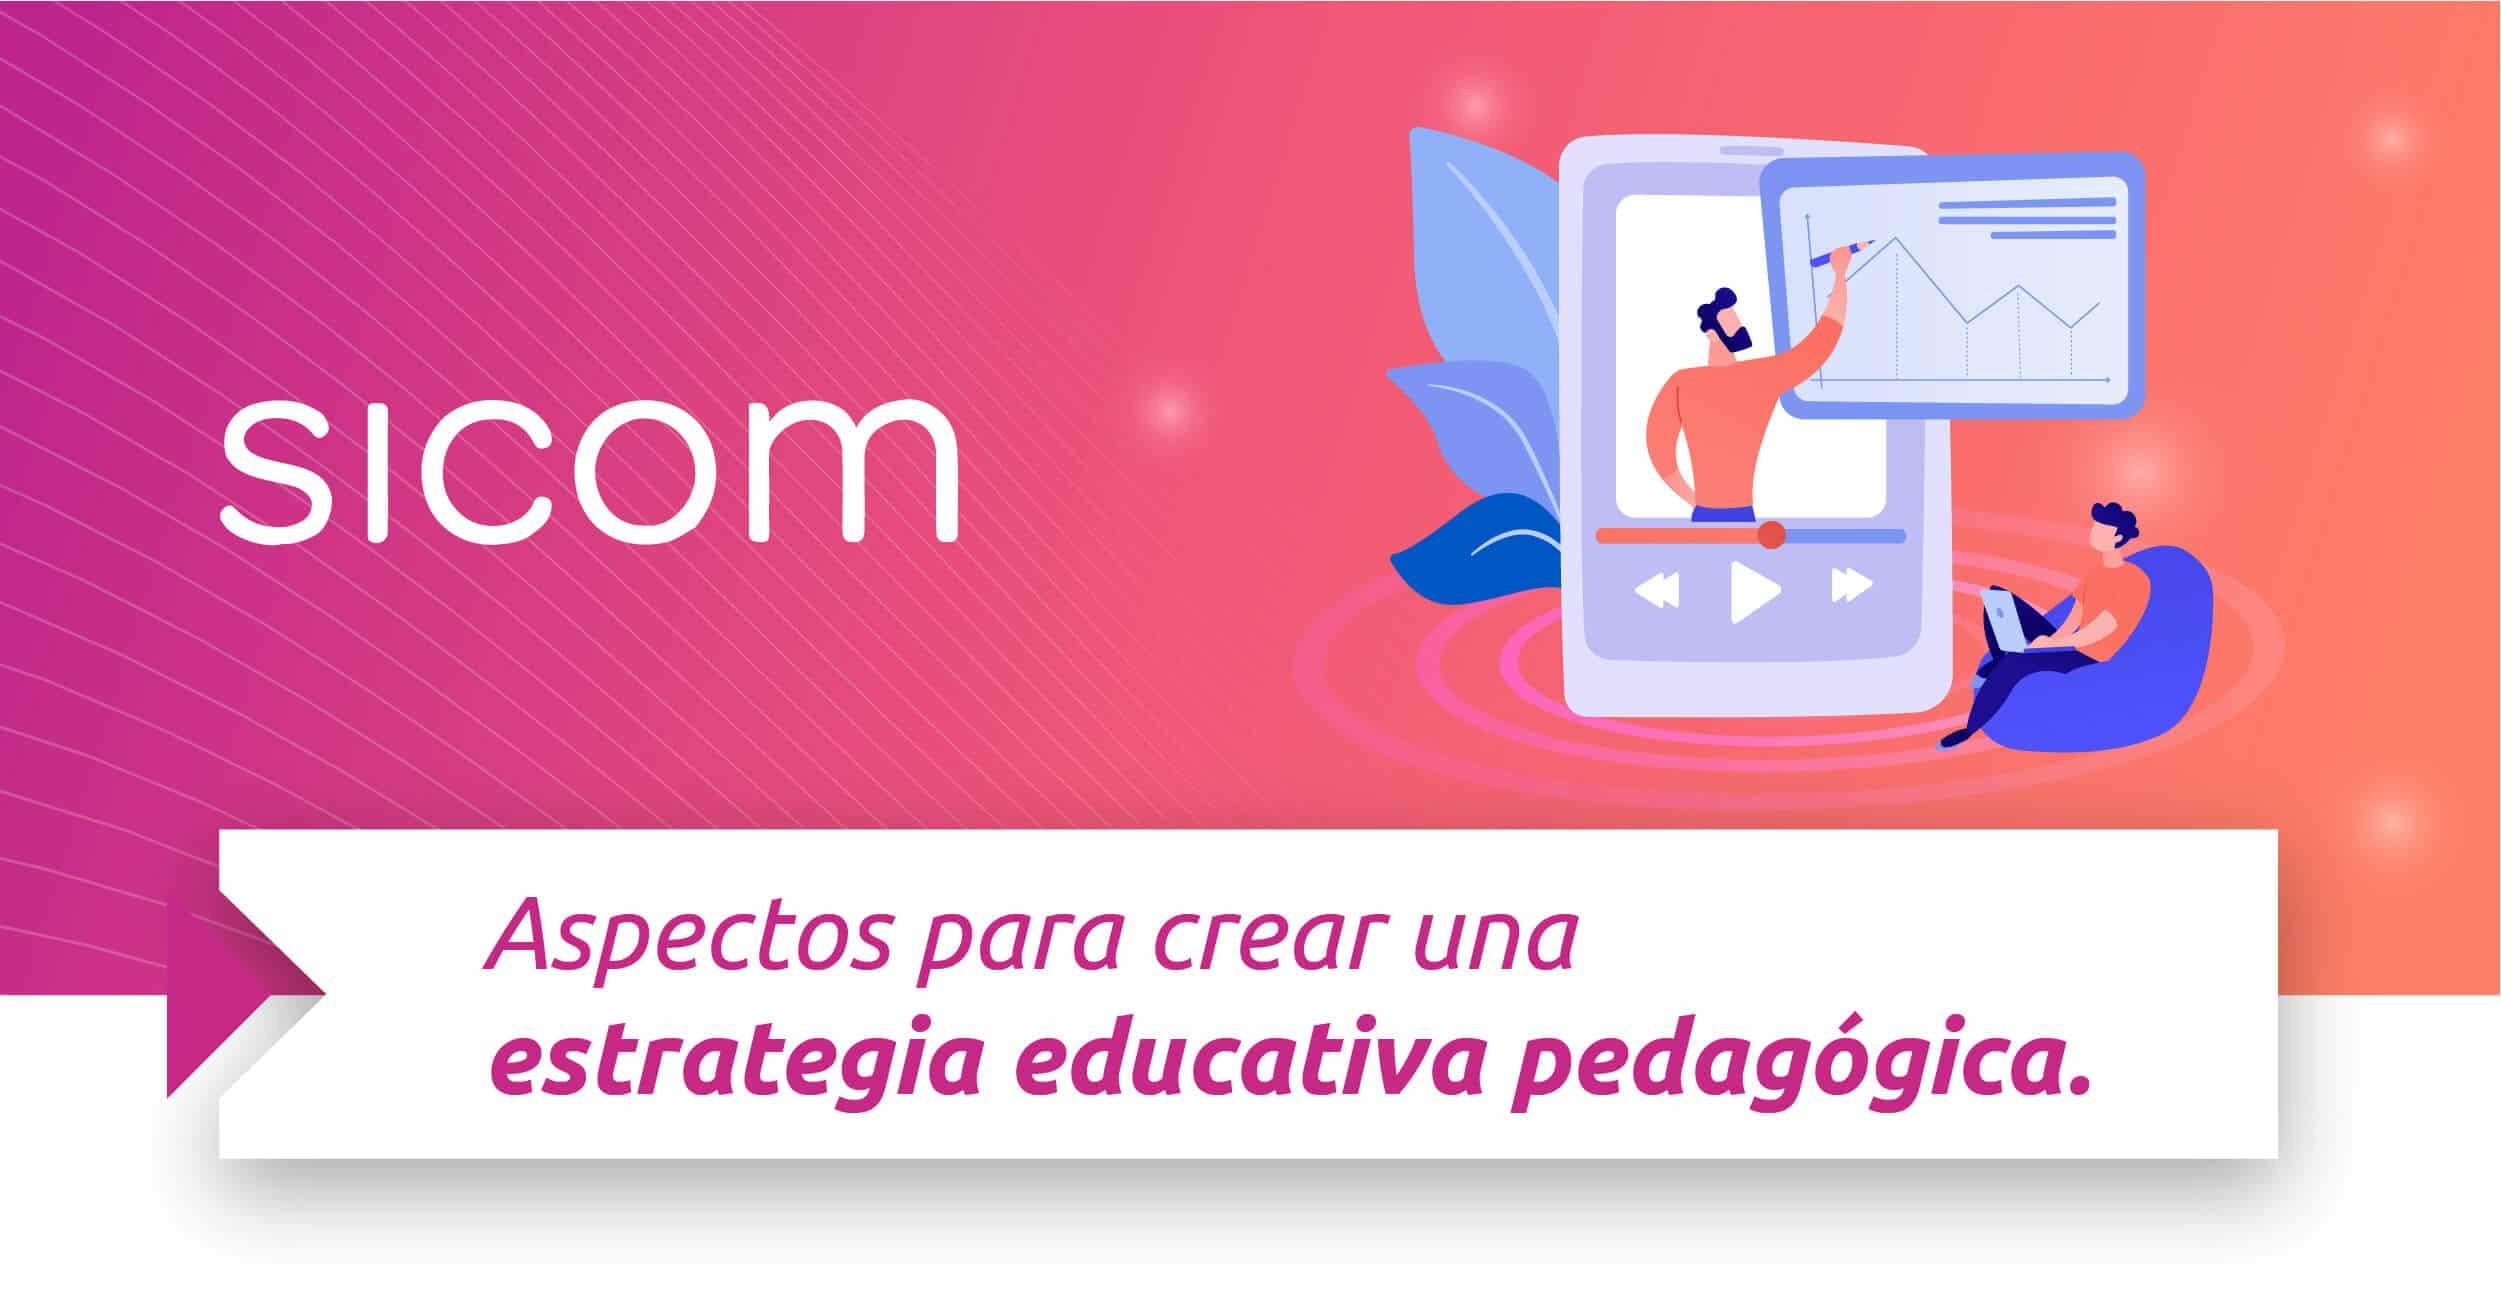 Aspectos para crear una estrategia educativa pedagógica